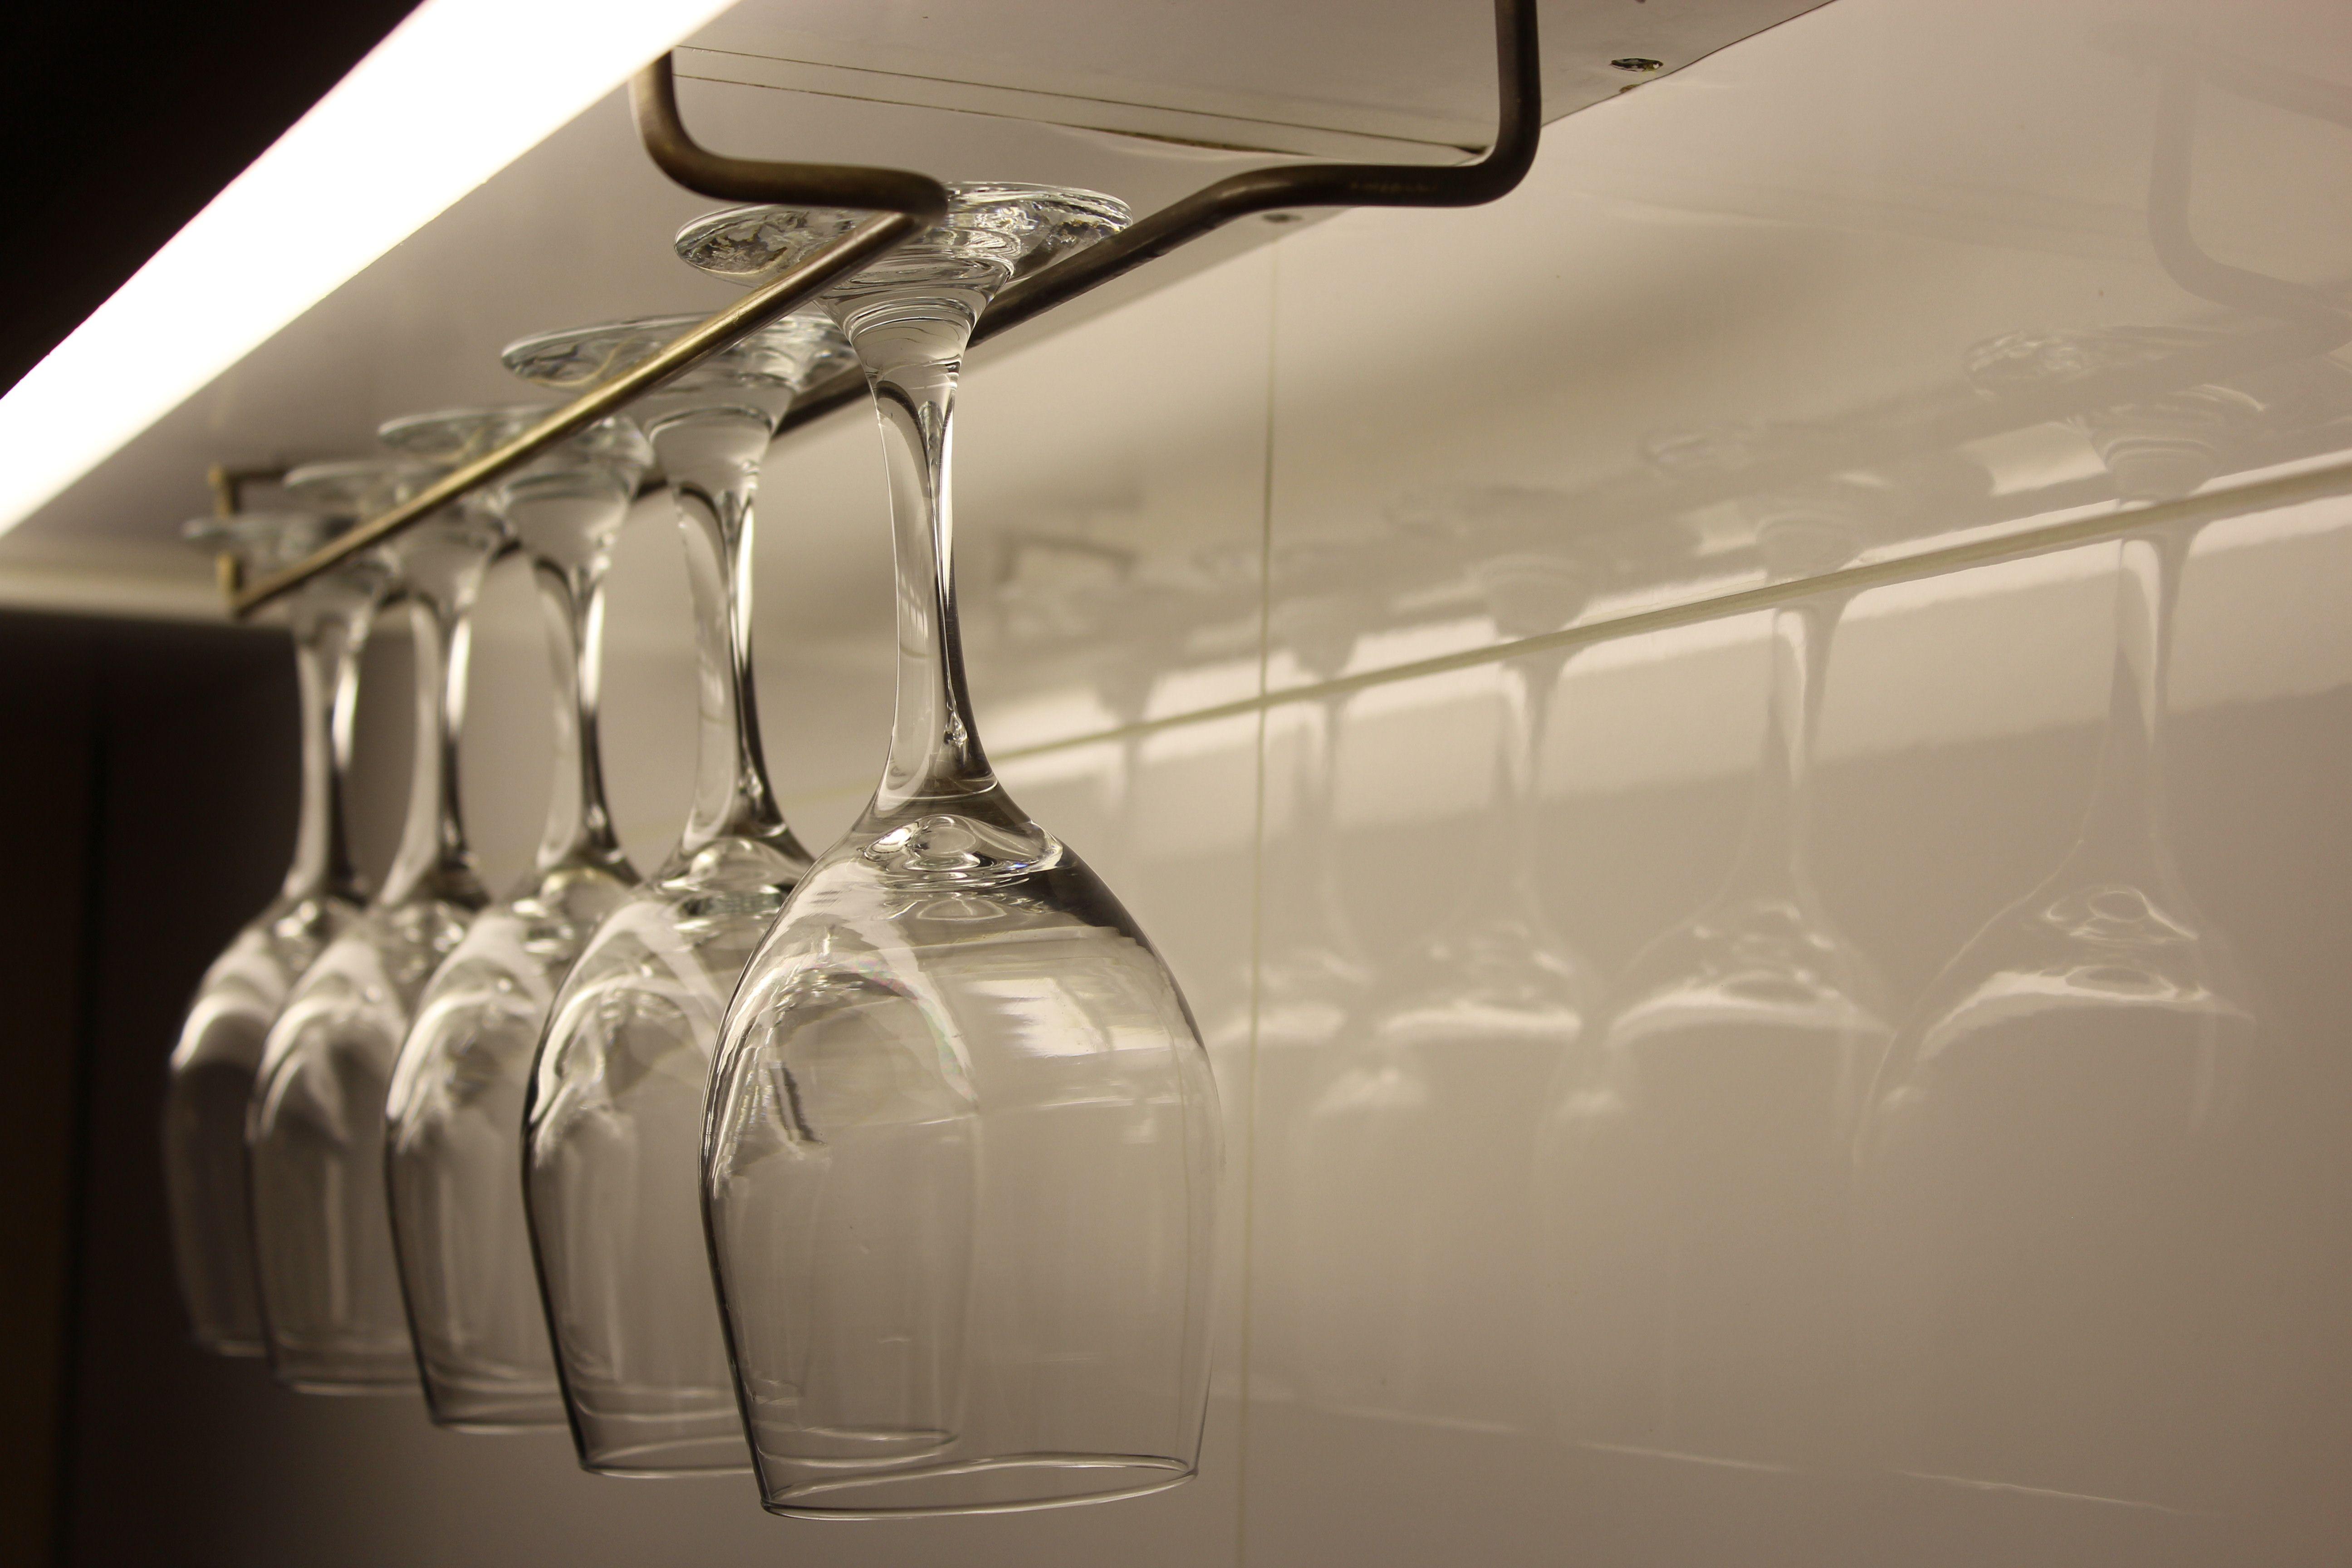 Colgador De Copas En Bronce Organiza Tu Cocina Con Estilo Www Melper Cl Clothes Hanger Hanger Home